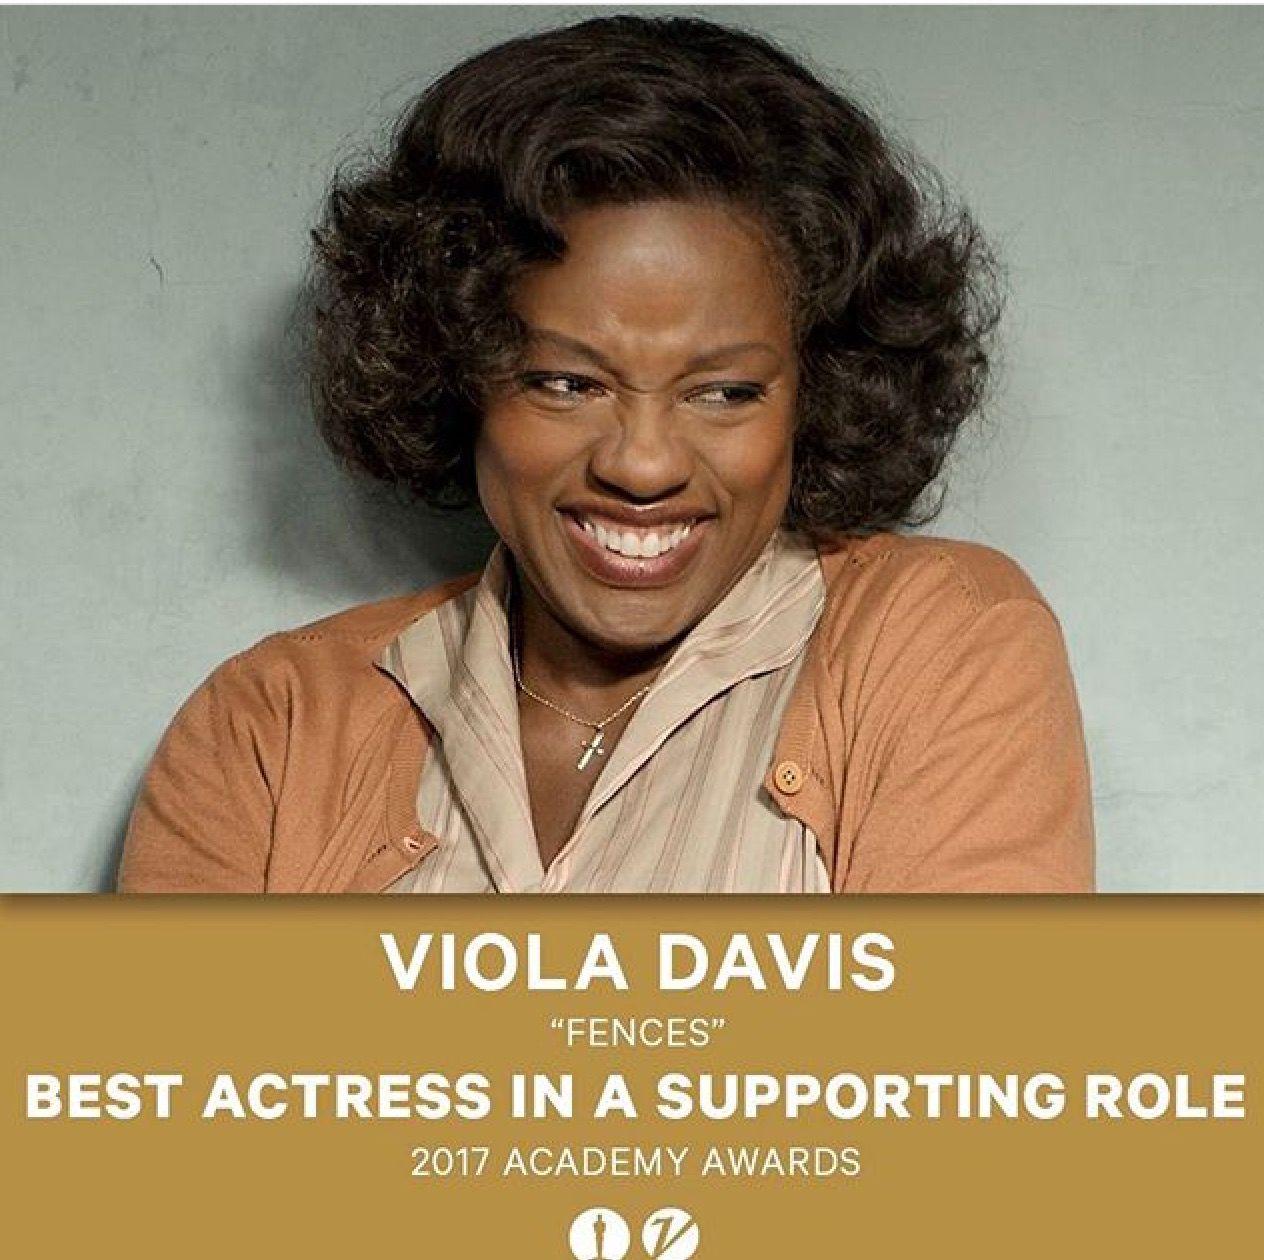 Congrats Viola